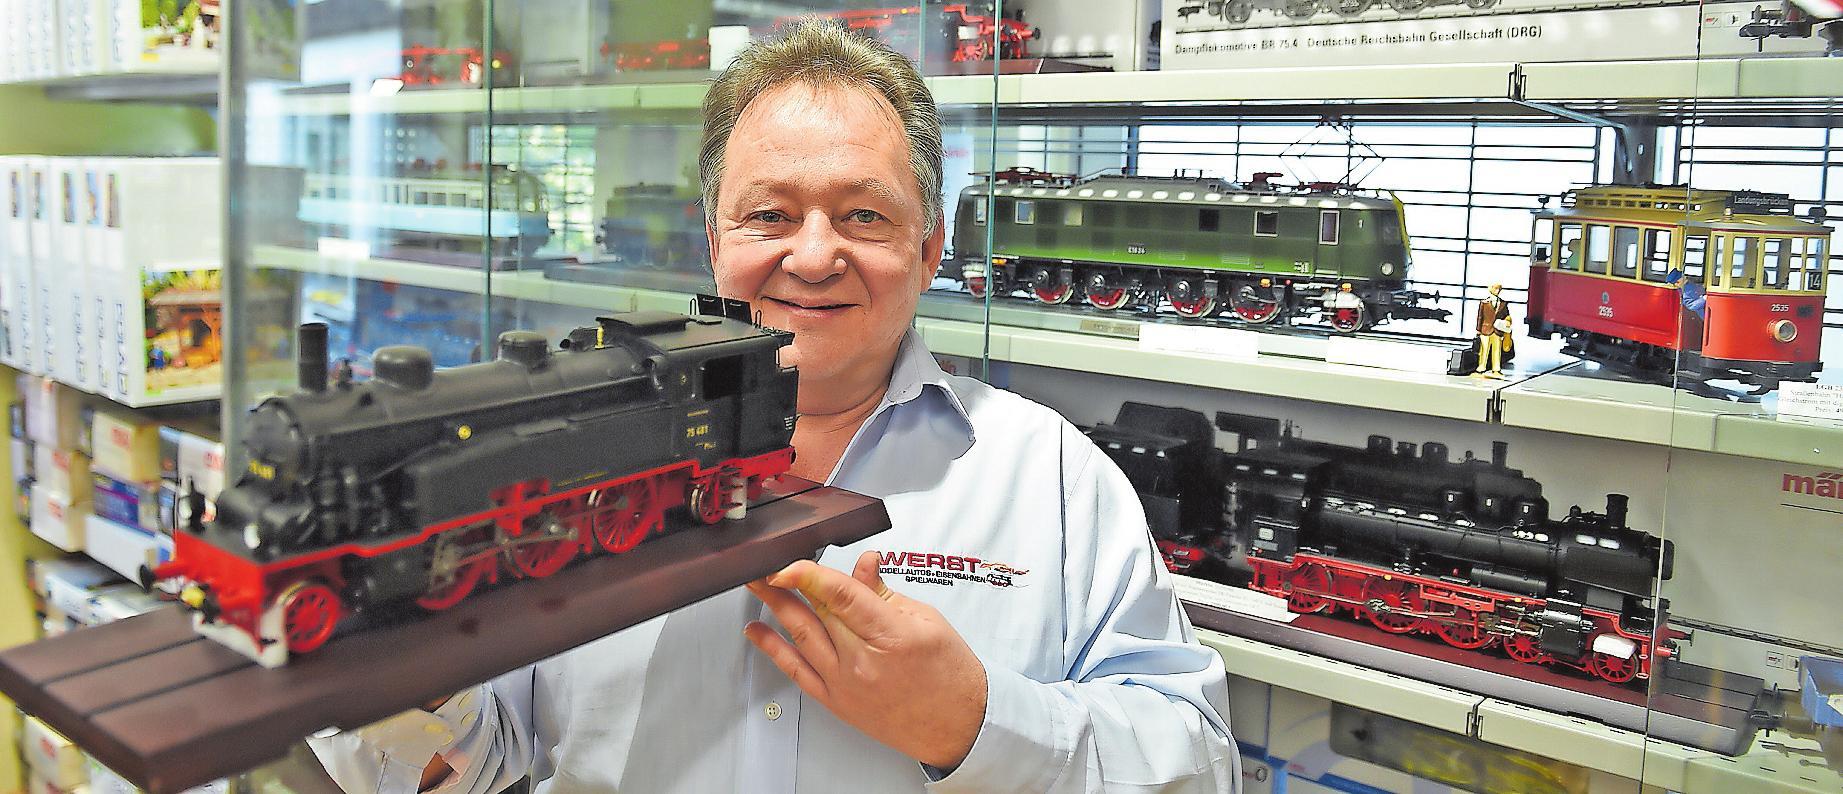 Bernhard Werst und sein Team sind absolute Spezialisten für den Modellbau. ARCHIVFOTO: KUNZ